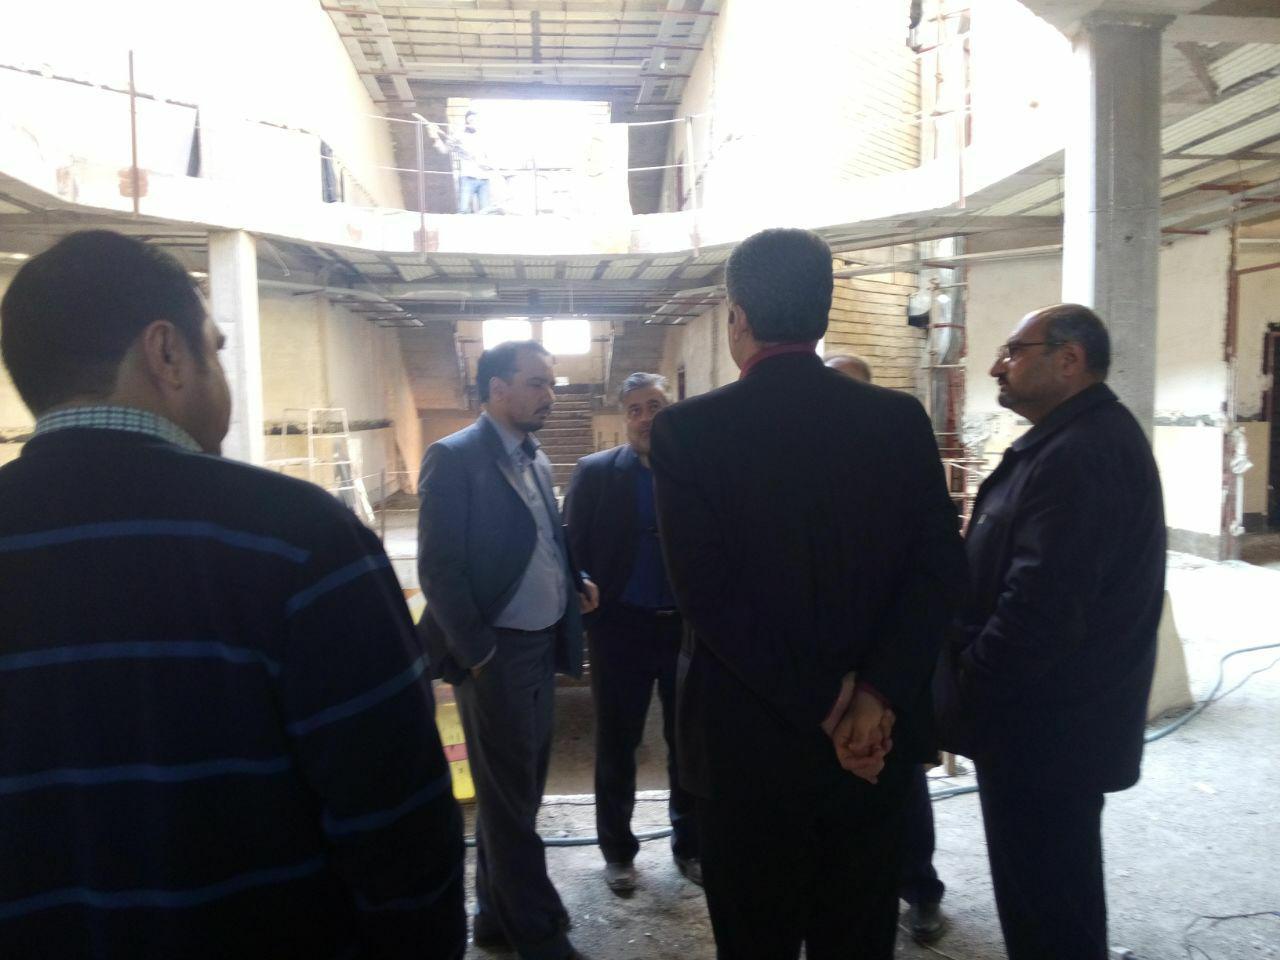 بازدید شهردار محترم کاشان از پروژه ساختمان ستادی شهرداری